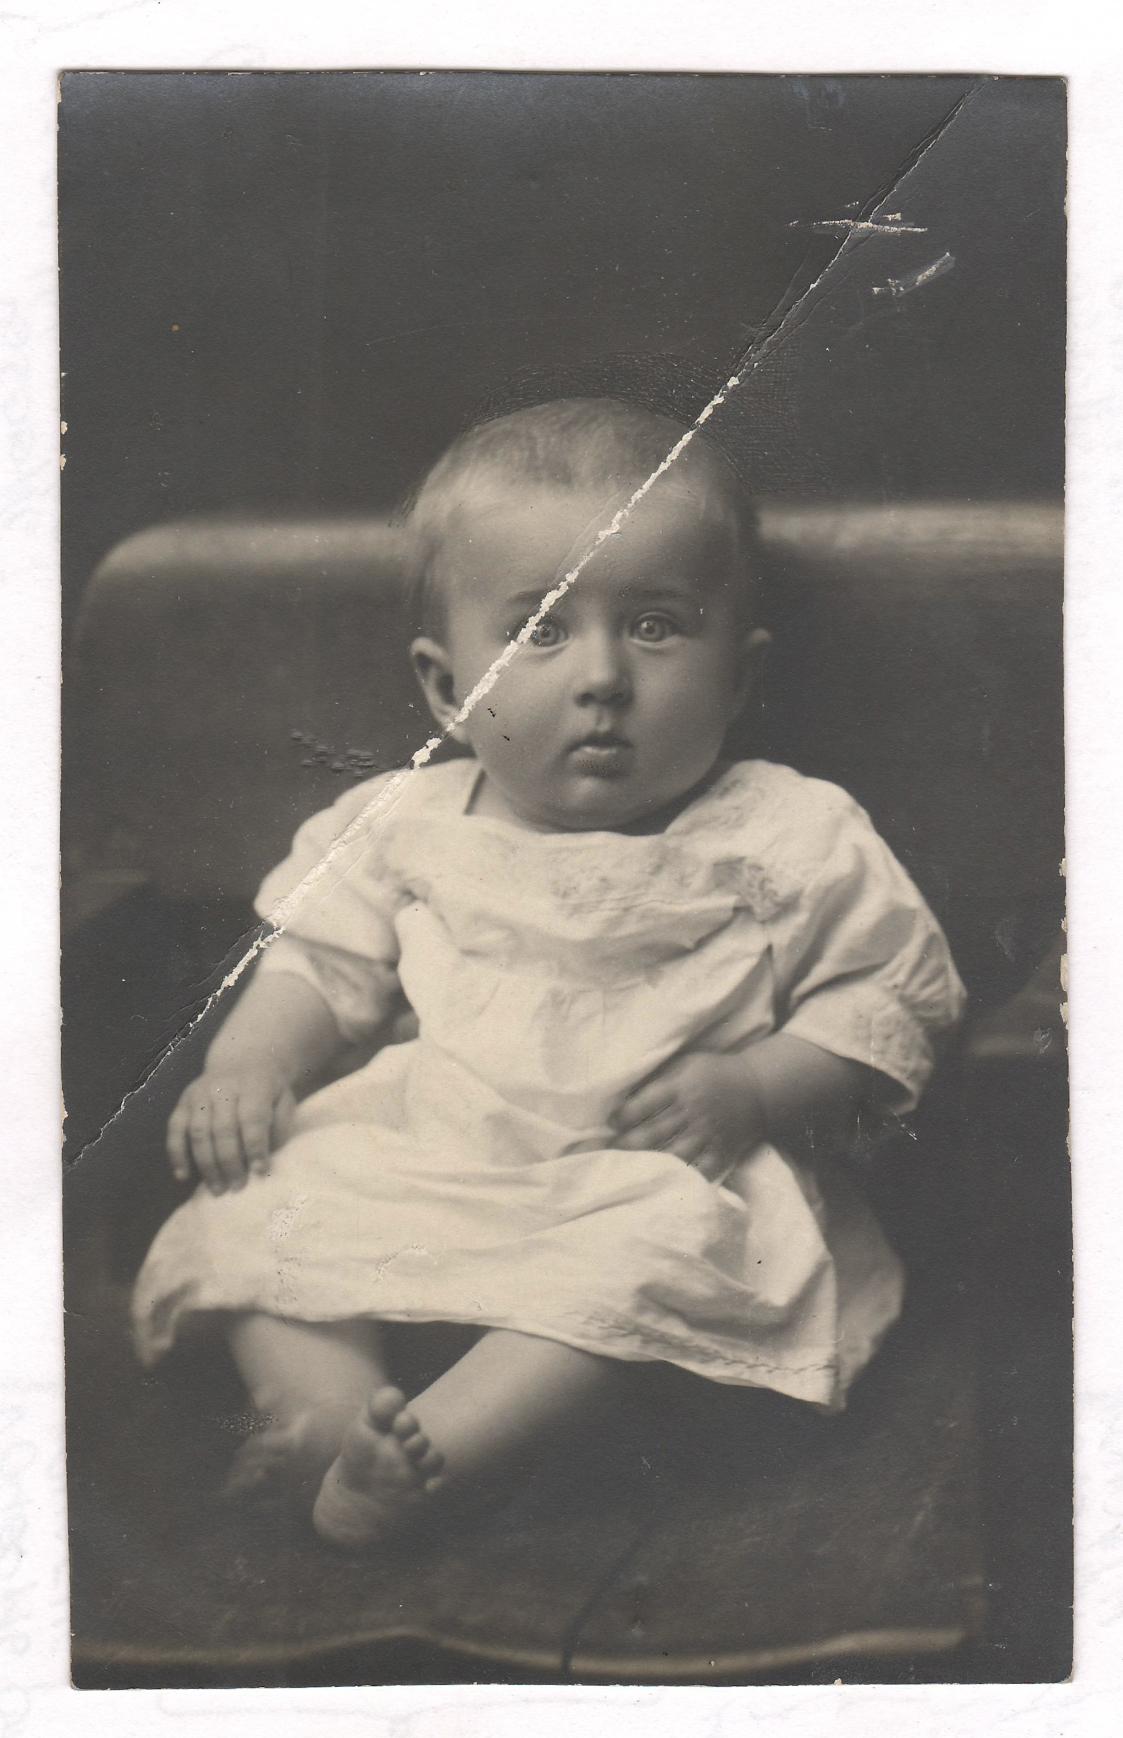 photo restoration services restore old photo online